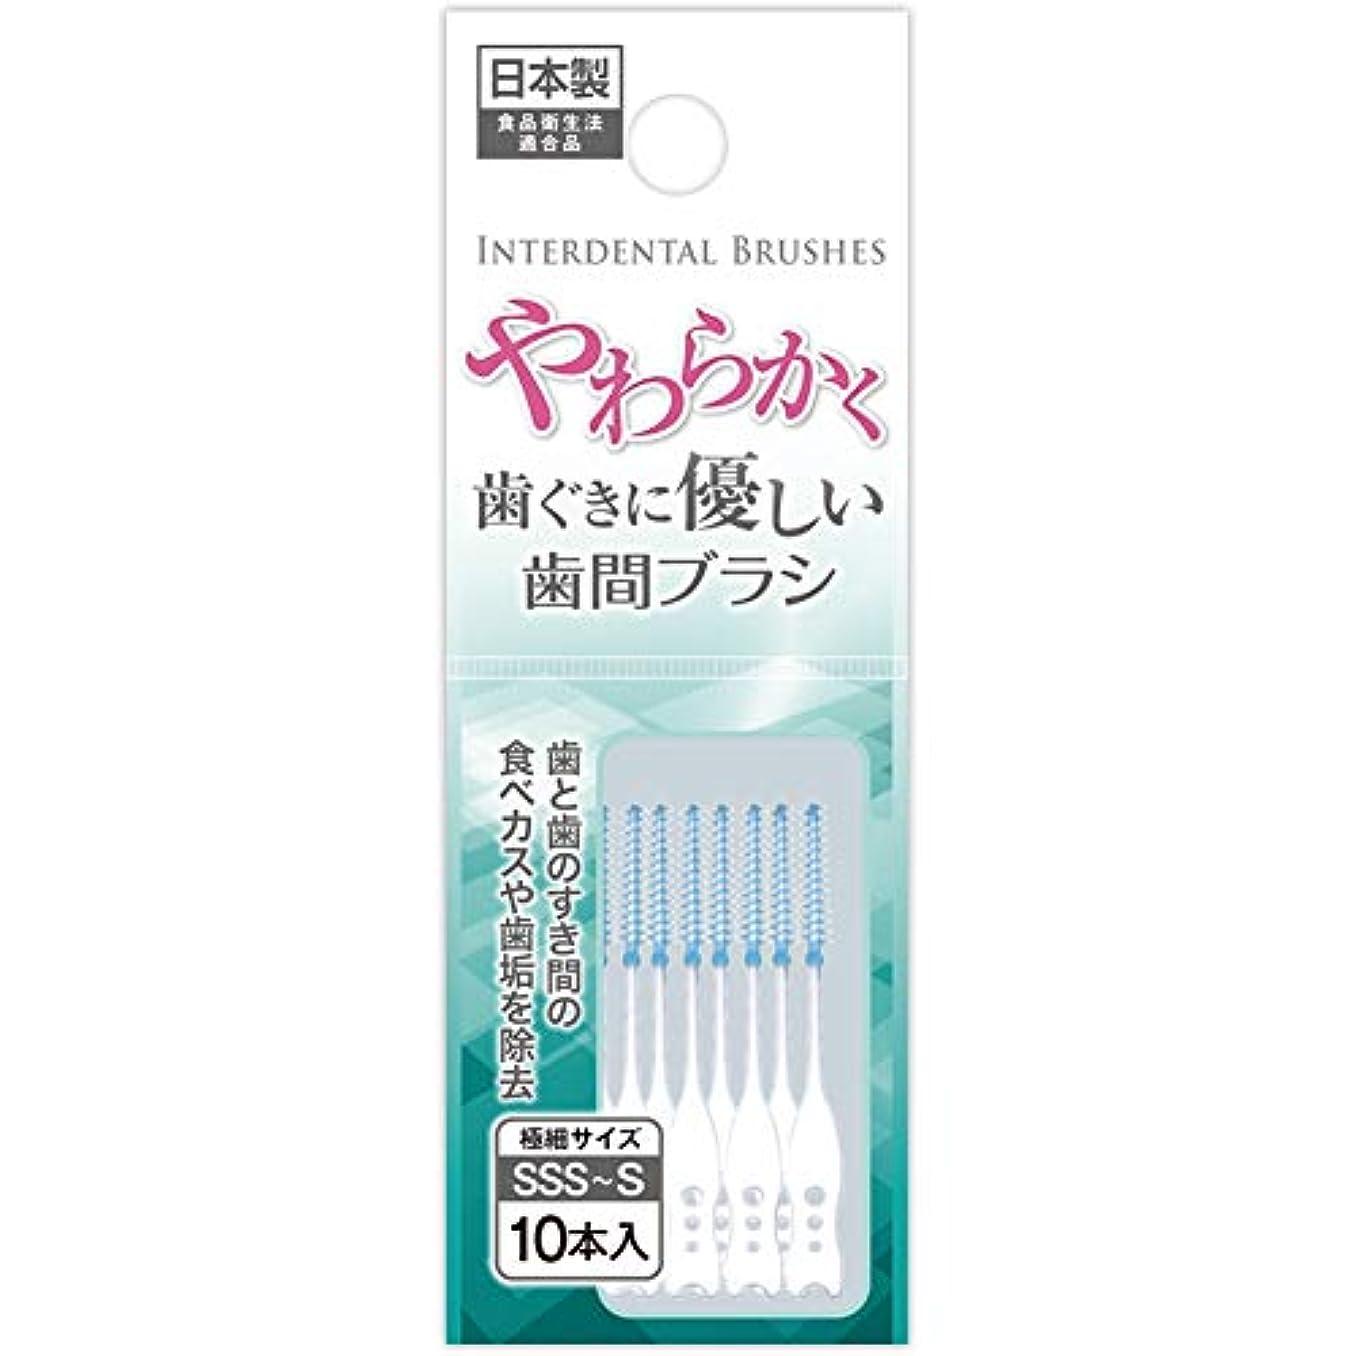 それから暖かさ行政柔らかく優しい歯間ブラシSSS~S10本入 日本製 41-288【まとめ買い12個セット】